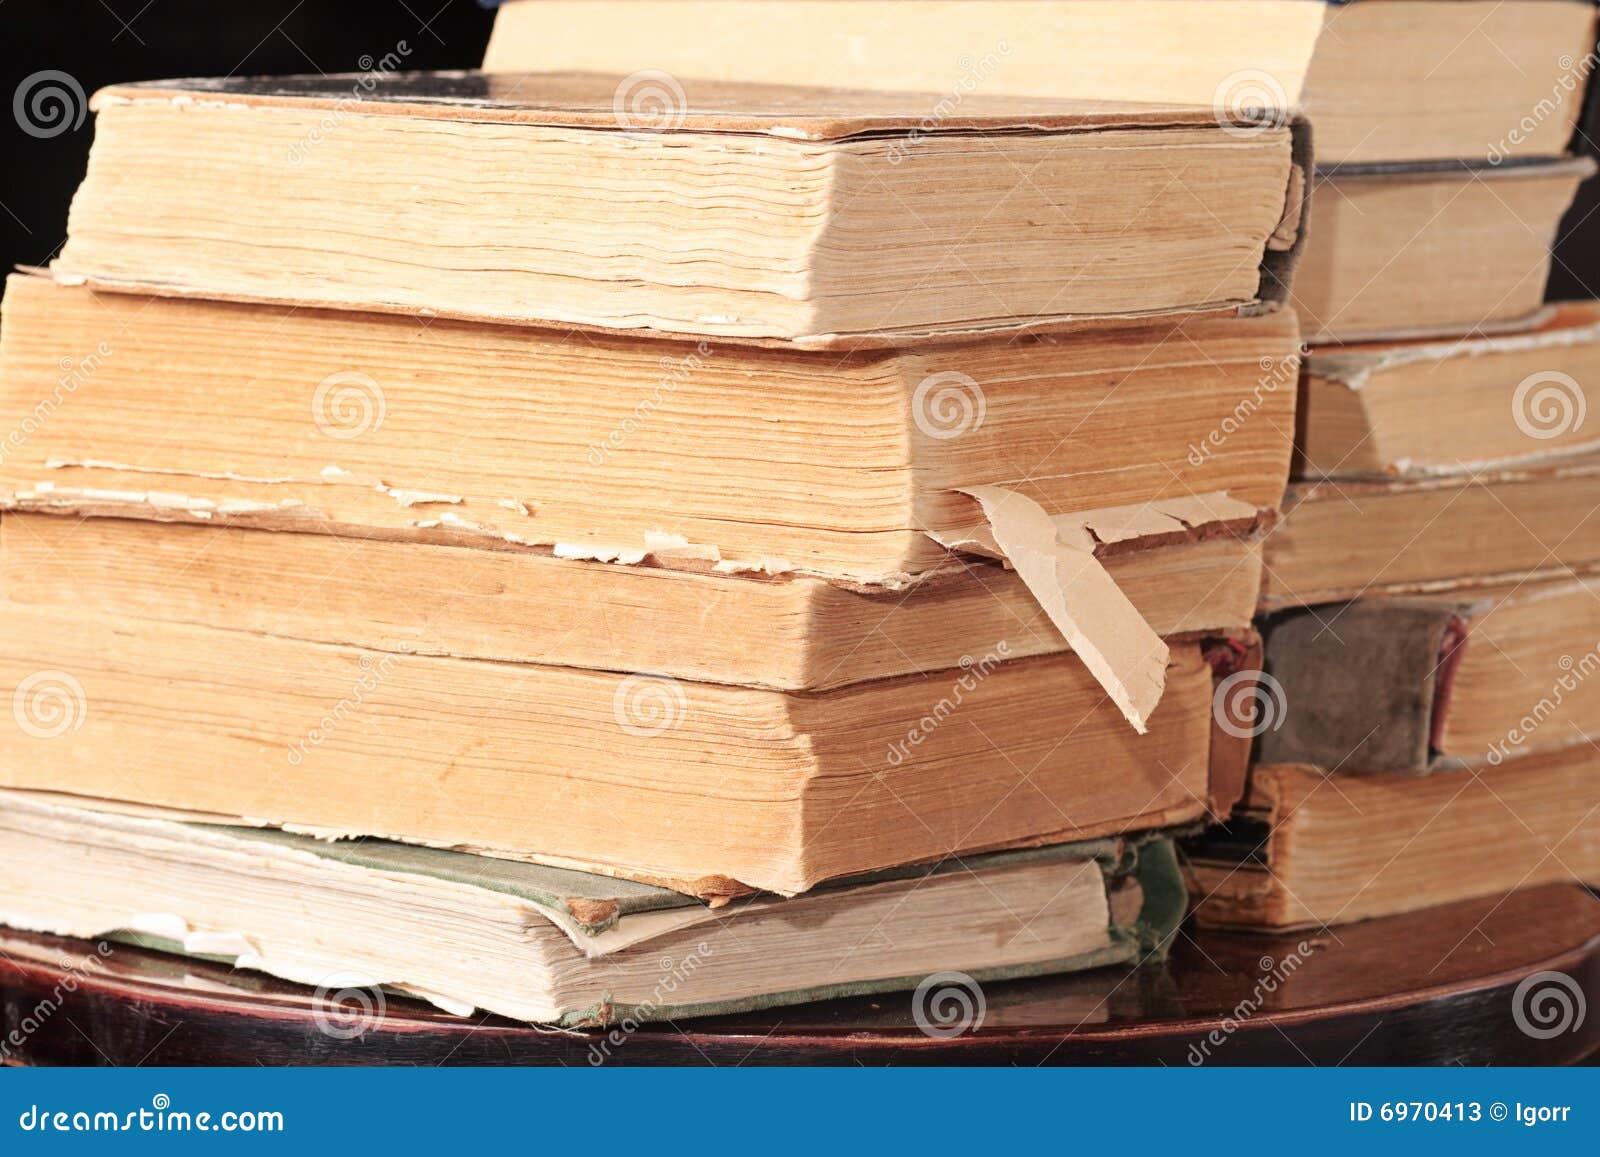 Elenco librerie libri vecchi e usati remainders share for Elenco libri da leggere assolutamente